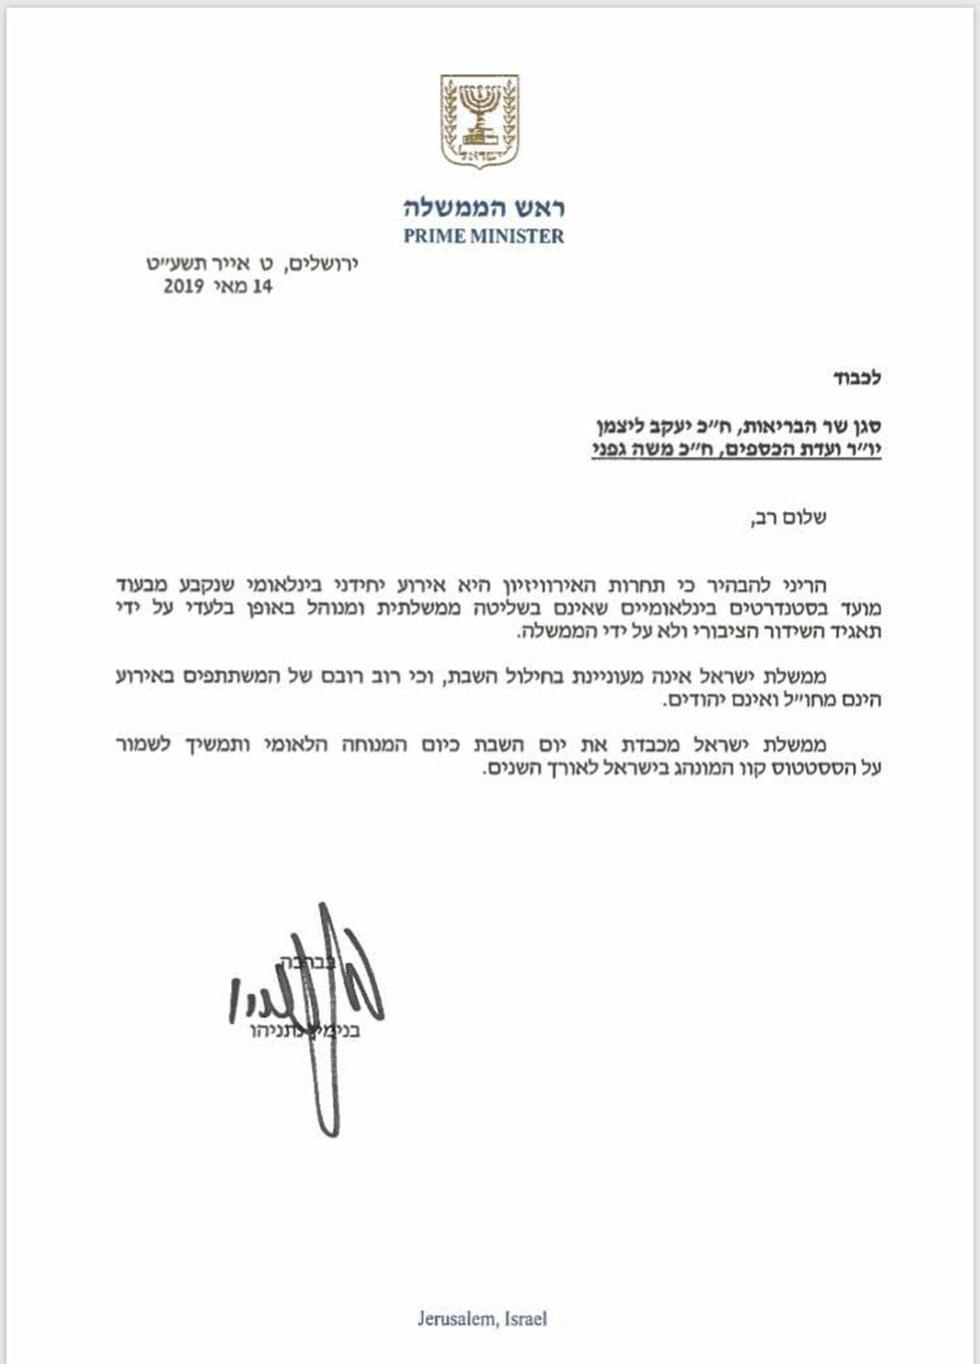 המכתב של בנימין נתניהו אל יעקב ליצמן ()